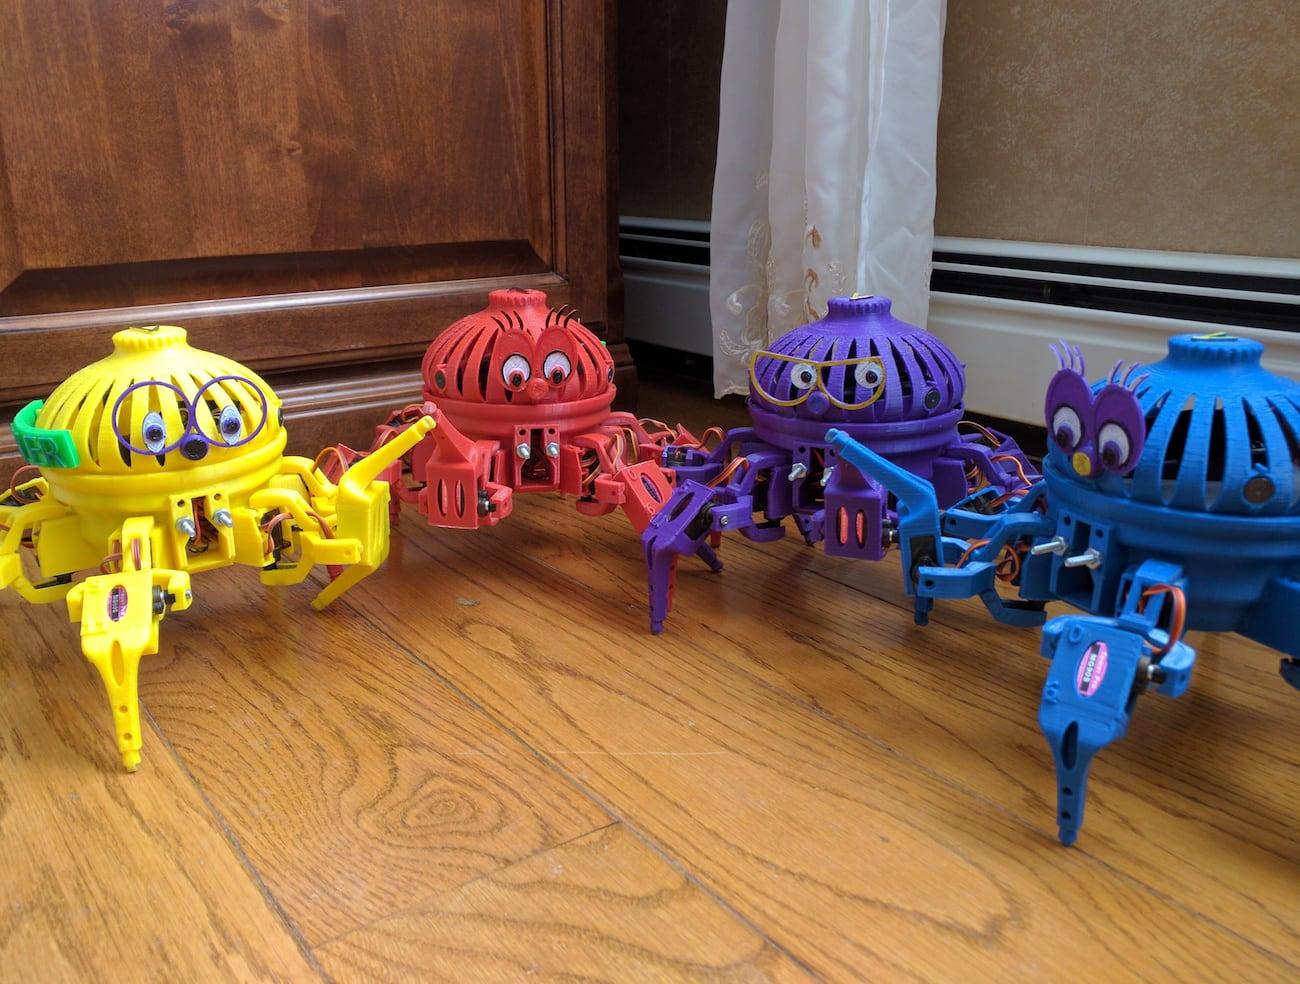 Vorpal Combat Hexapod Robot